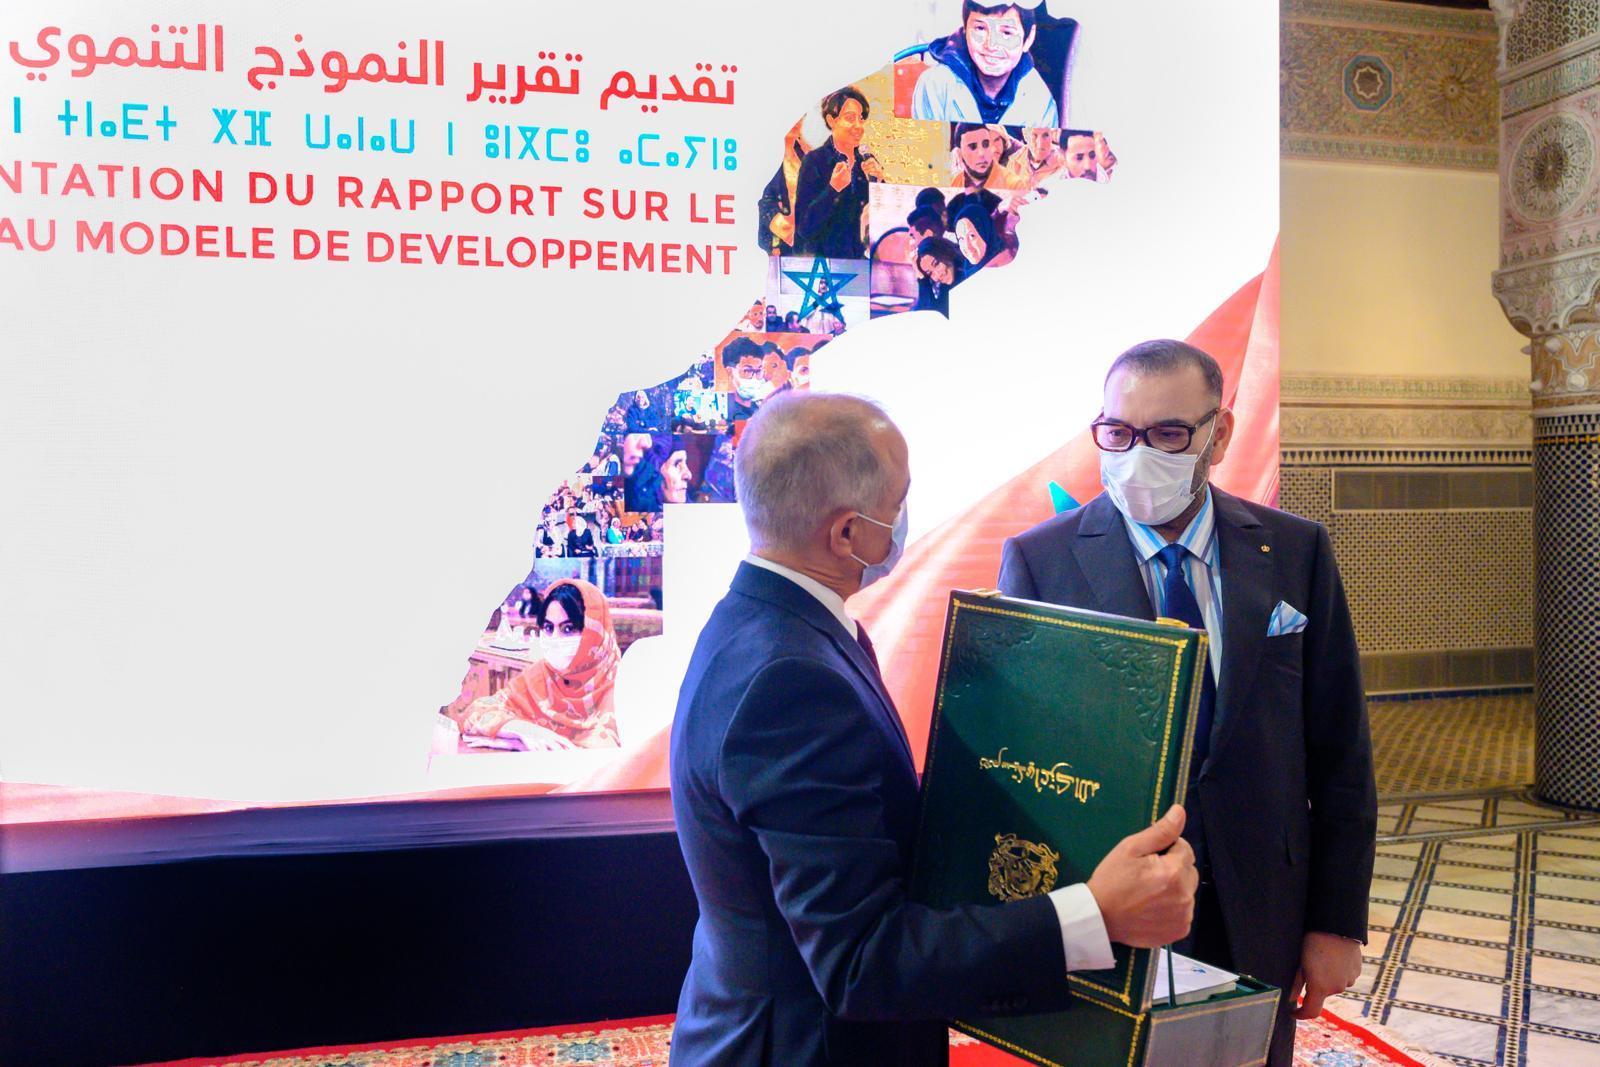 الجمعية الديمقراطية لنساء المغرب: النموذج التنموي الجديد لا يعكس المغرب الذي نريد